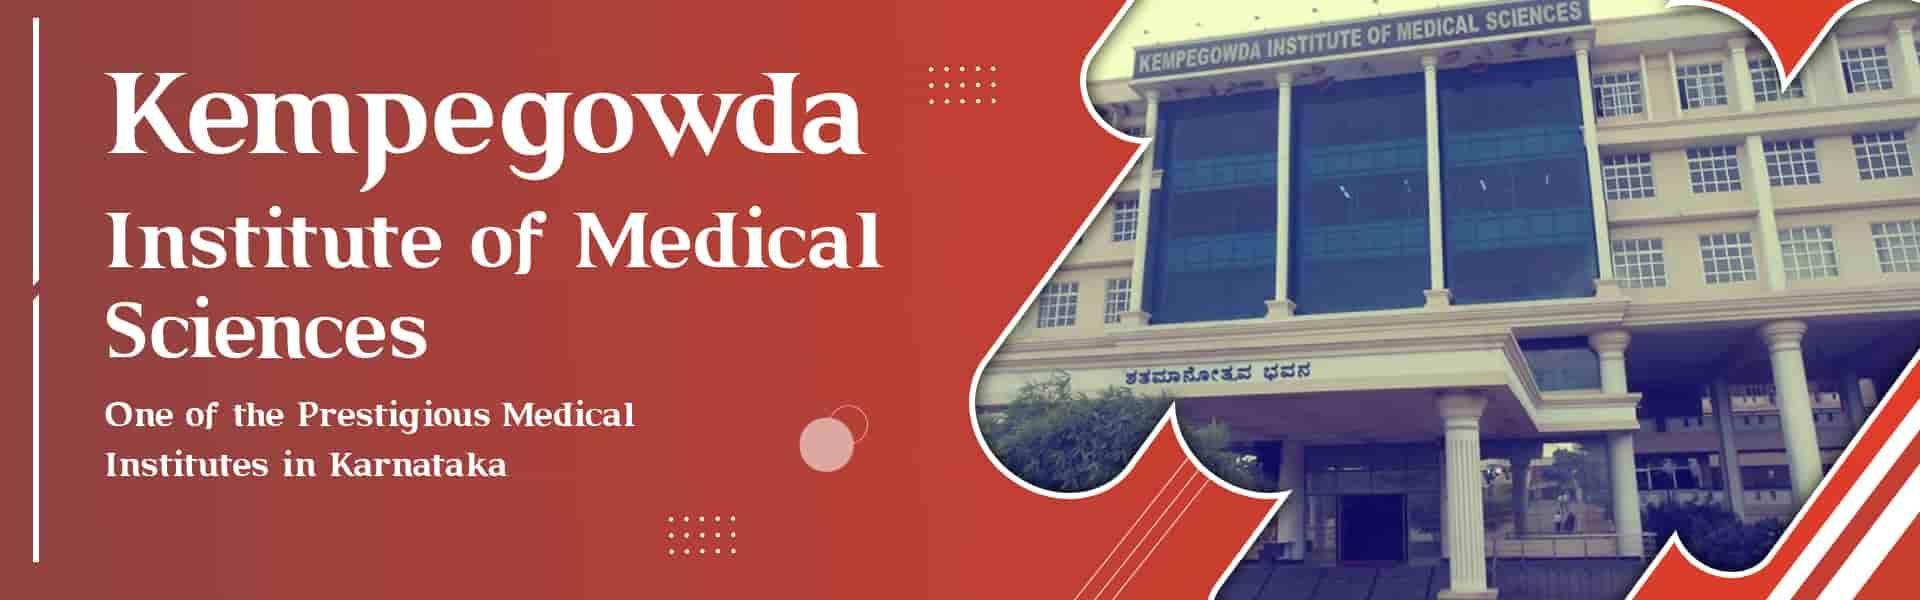 Kempegowda Institute of Medical Sciences (KIMS) Bangalore